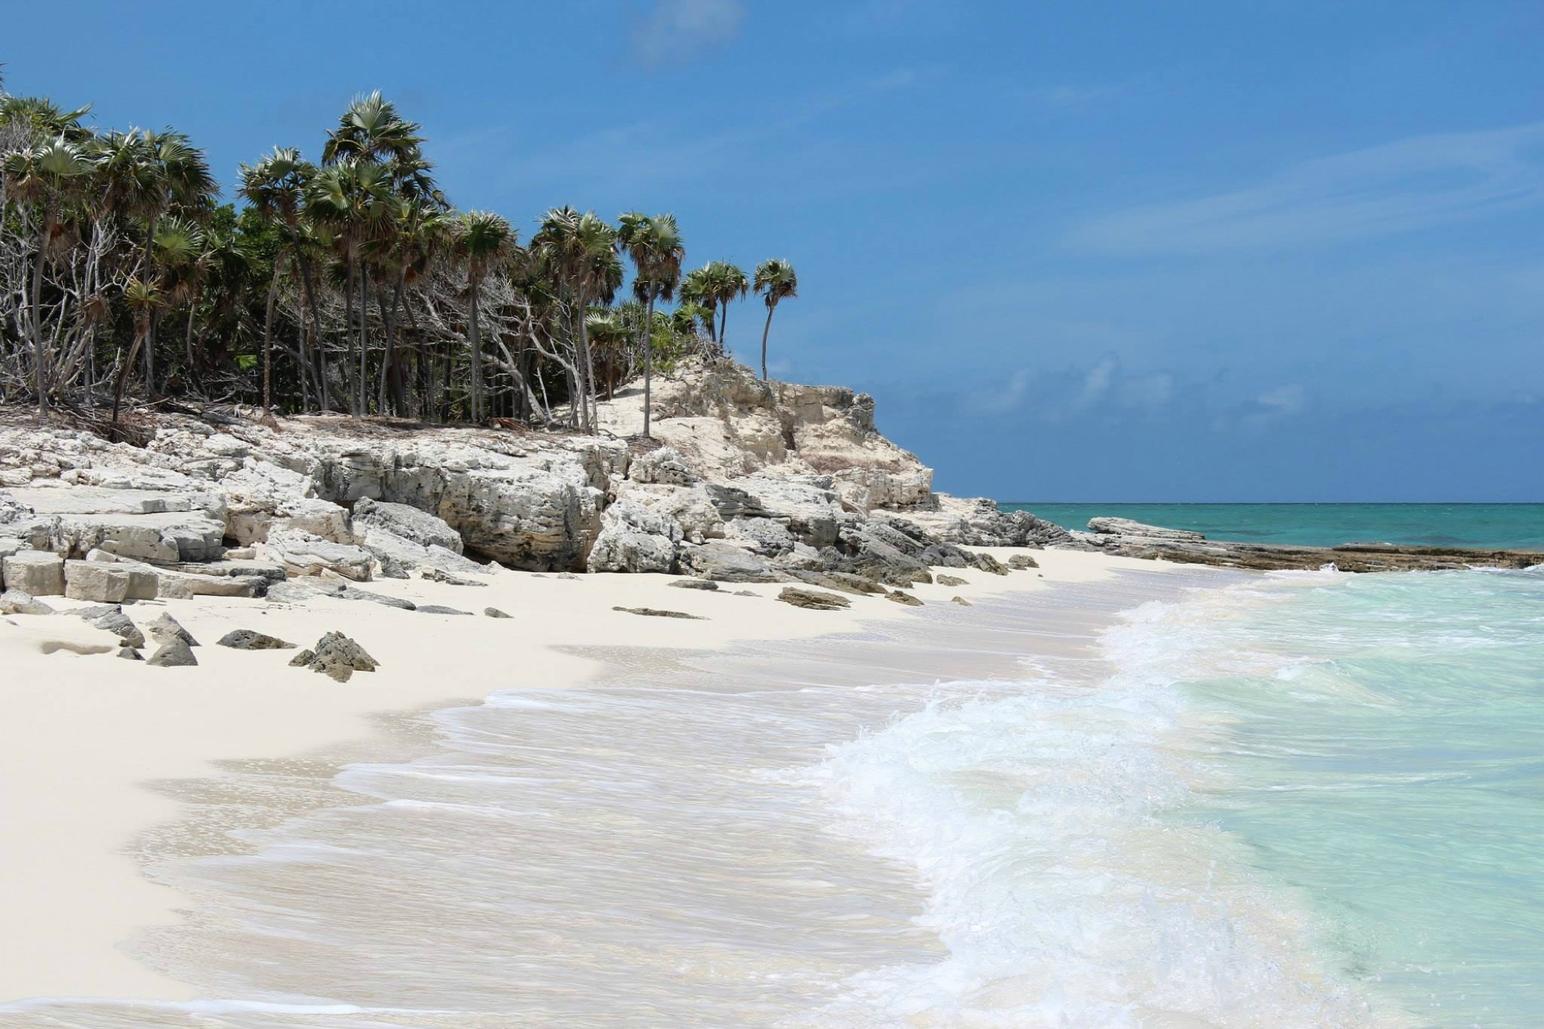 Grace Bay, Providenciales, Turks and Caicos. Photo: TripAdvisor